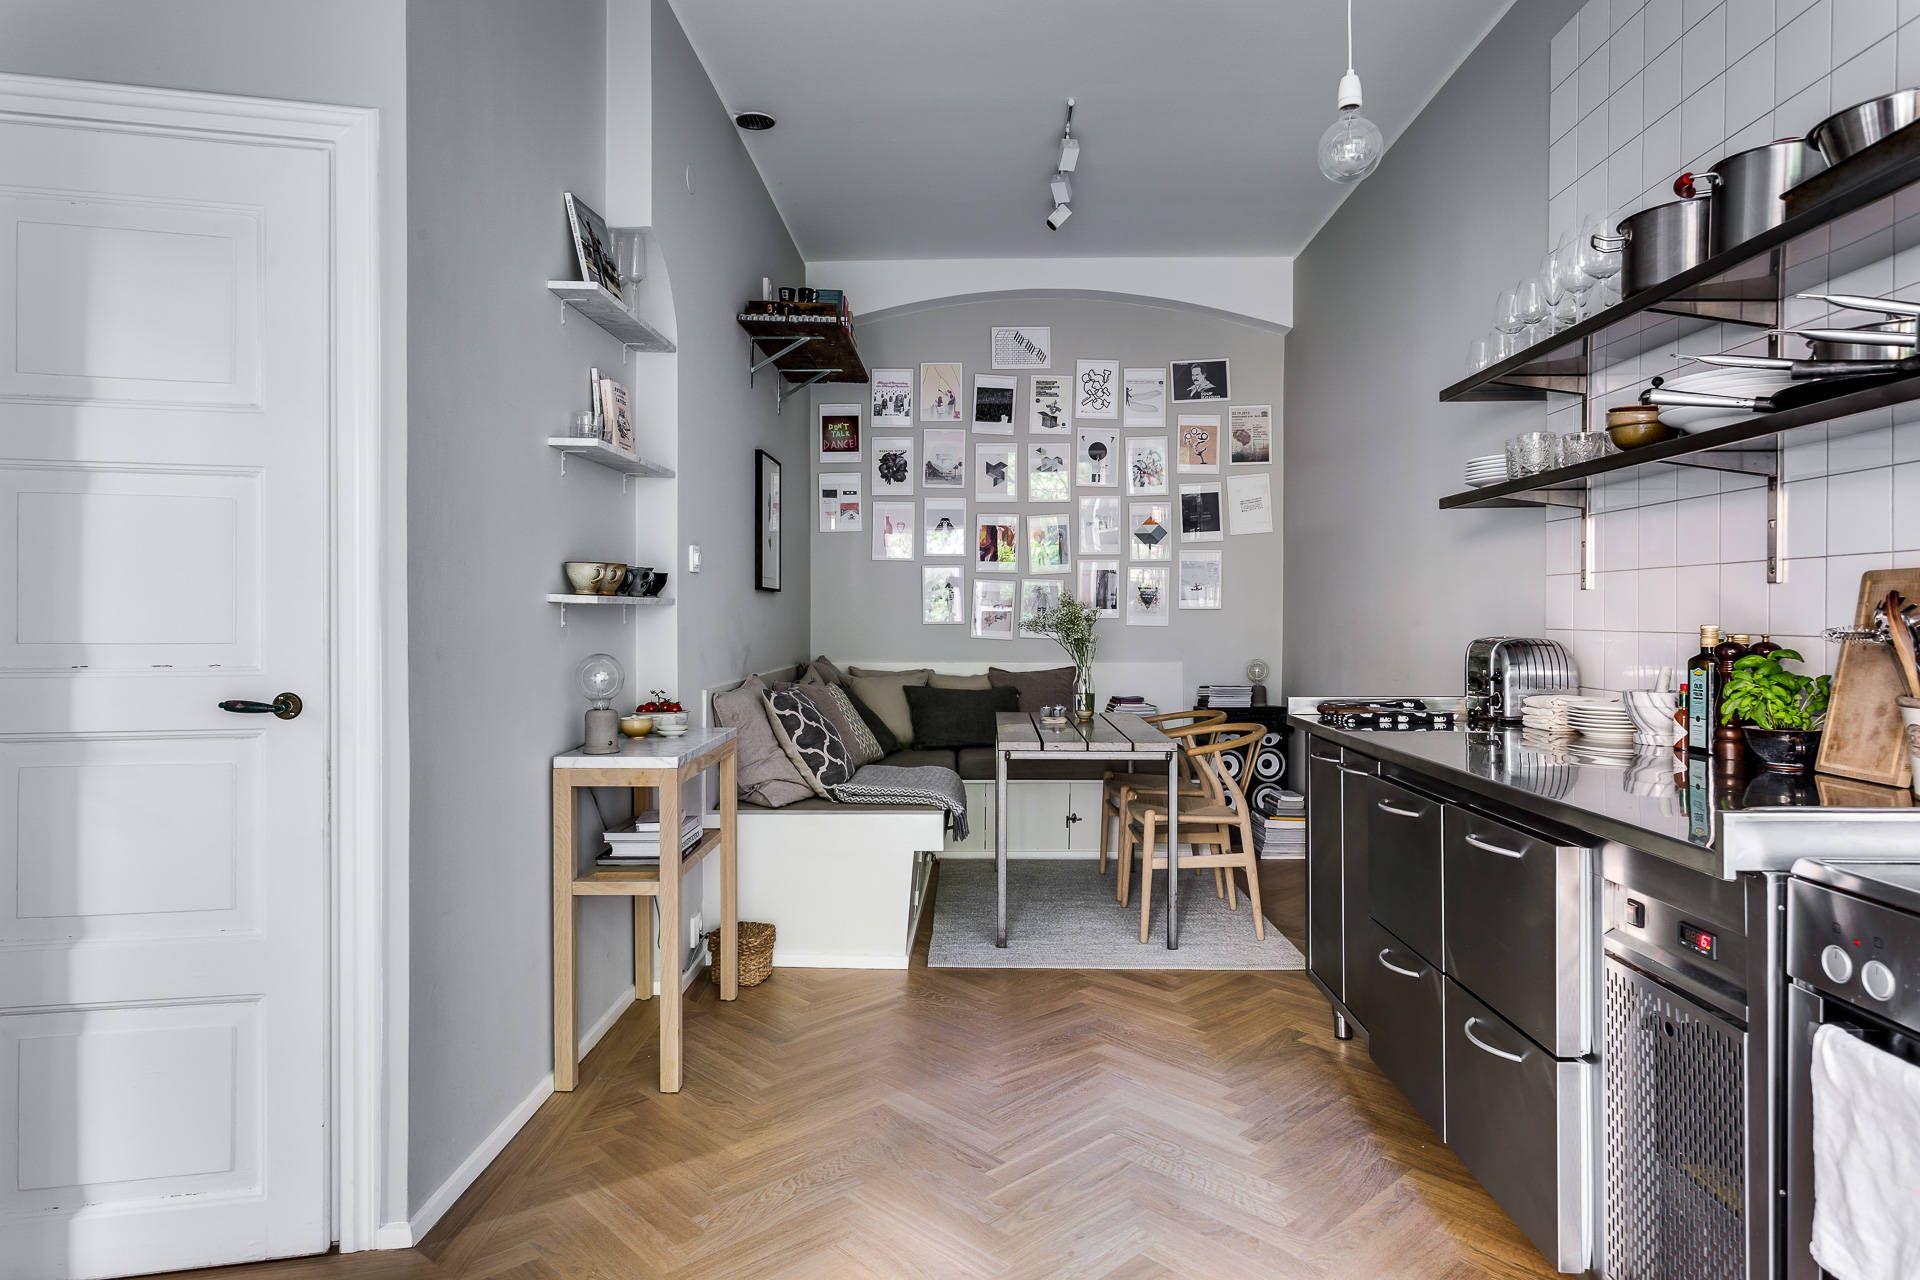 White Keuken Stoere : Stoere keuken met gezellige eethoek woonkamer interiors and kitchens